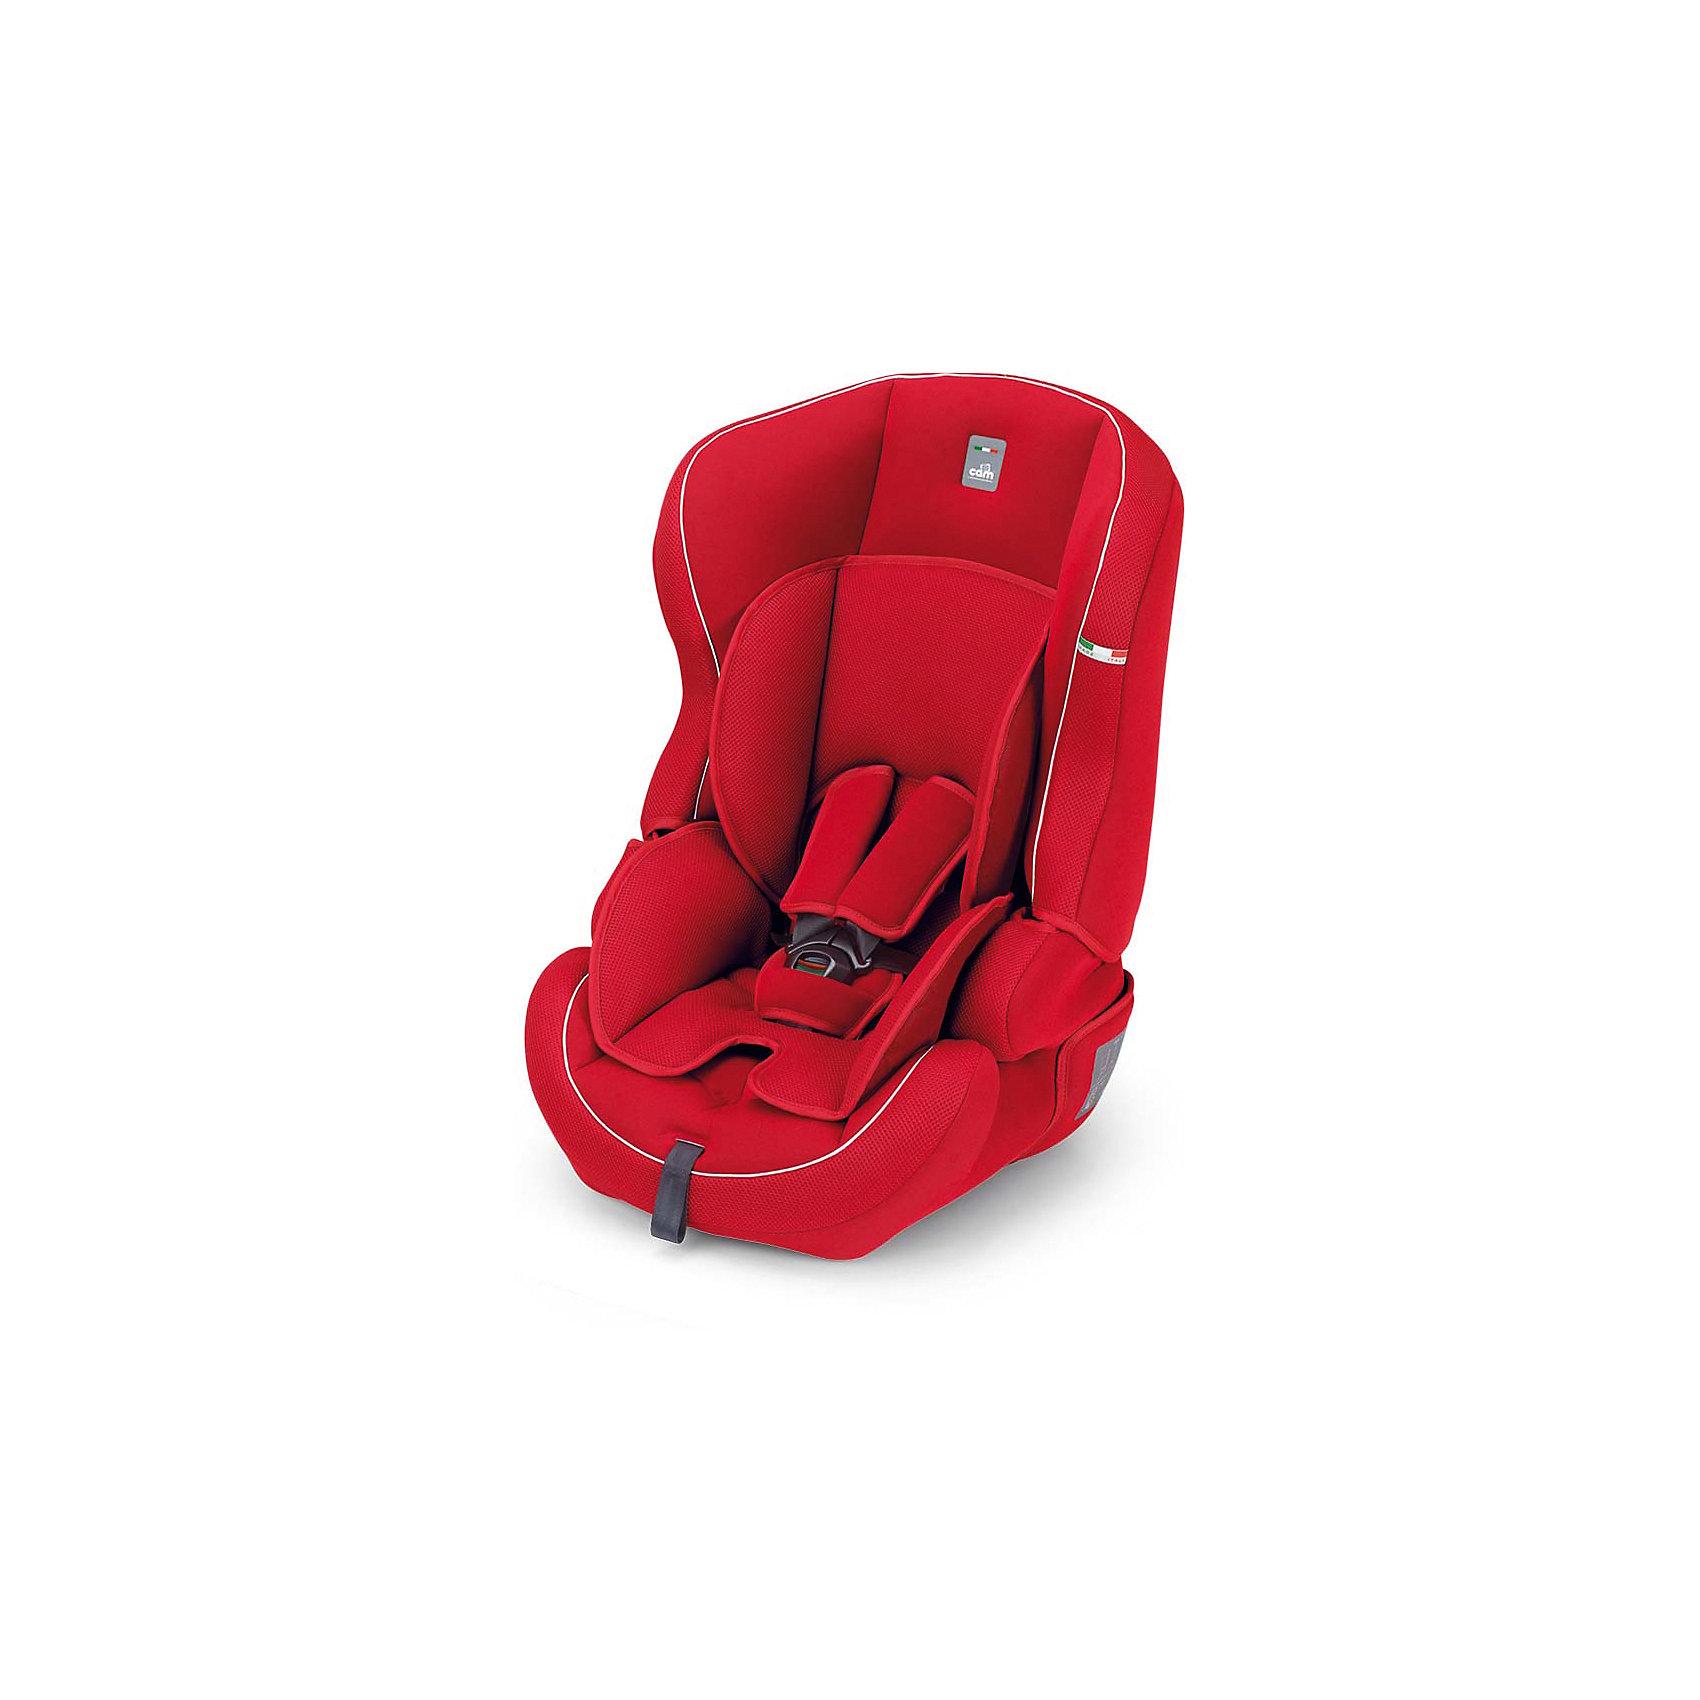 Автокресло CAM Travel Evolution 2015, 9-36 кг, красныйГруппа 1-2-3 (От 9 до 36 кг)<br>Автокресло Travel Evolution 2015, CAM - комфортная надежная модель, которая сделает поездку Вашего ребенка приятной и безопасной. Благодаря особой конструкции автокресло может использоваться в течении длительного времени и охватывает весовые категории детей от 1 года до 12 лет. Комфортное кресло оснащено ортопедической спинкой с регулируемым углом наклона и обеспечивает удобство сидения во время длительных поездок. Для малышей предусмотрен мягкий анатомический вкладыш. Пятиточечные ремни безопасности с мягкими плечевыми накладками регулируются по росту ребенка (три положения высоты внутренних ремней). Усиленная боковая защита убережёт ребёнка от серьезных травм.  <br><br>Автокресло легко и надежно устанавливается на заднее сиденье автомобиля по ходу движения. Для детей постарше (2-й группы, 3 -7 лет) ремни автокресла можно снять и использовать штатные ремни автомобиля, которые фиксируются специальными ограничителями. Для детей 3-й группы (6-12 лет) съемная спинка демонтируется и сиденье используется качестве бустера. Кресло изготовлено из высококачественных материалов, износостойкие тканевые чехлы снимаются для чистки или стирки при температуре 30 градусов. Рассчитано на детей от 1 года до 12 лет, весом 9-36 кг.<br><br>Дополнительная информация: <br><br>- Цвет: красный.<br>- Вес ребенка: 9-36 кг. ( 1-12 лет).<br>- Группа 1-2-3.<br>- Материал: пластик, текстиль. <br>- Внешние размеры: 49,5 x 51 x 65 см. <br>- Вес: 5,5 кг.<br><br>Автокресло Travel Evolution 2015, 9-36 кг., CAM, красный, можно купить в нашем интернет-магазине.<br><br>Ширина мм: 800<br>Глубина мм: 460<br>Высота мм: 450<br>Вес г: 5500<br>Цвет: ярко-красный<br>Возраст от месяцев: 12<br>Возраст до месяцев: 144<br>Пол: Унисекс<br>Возраст: Детский<br>SKU: 4347284